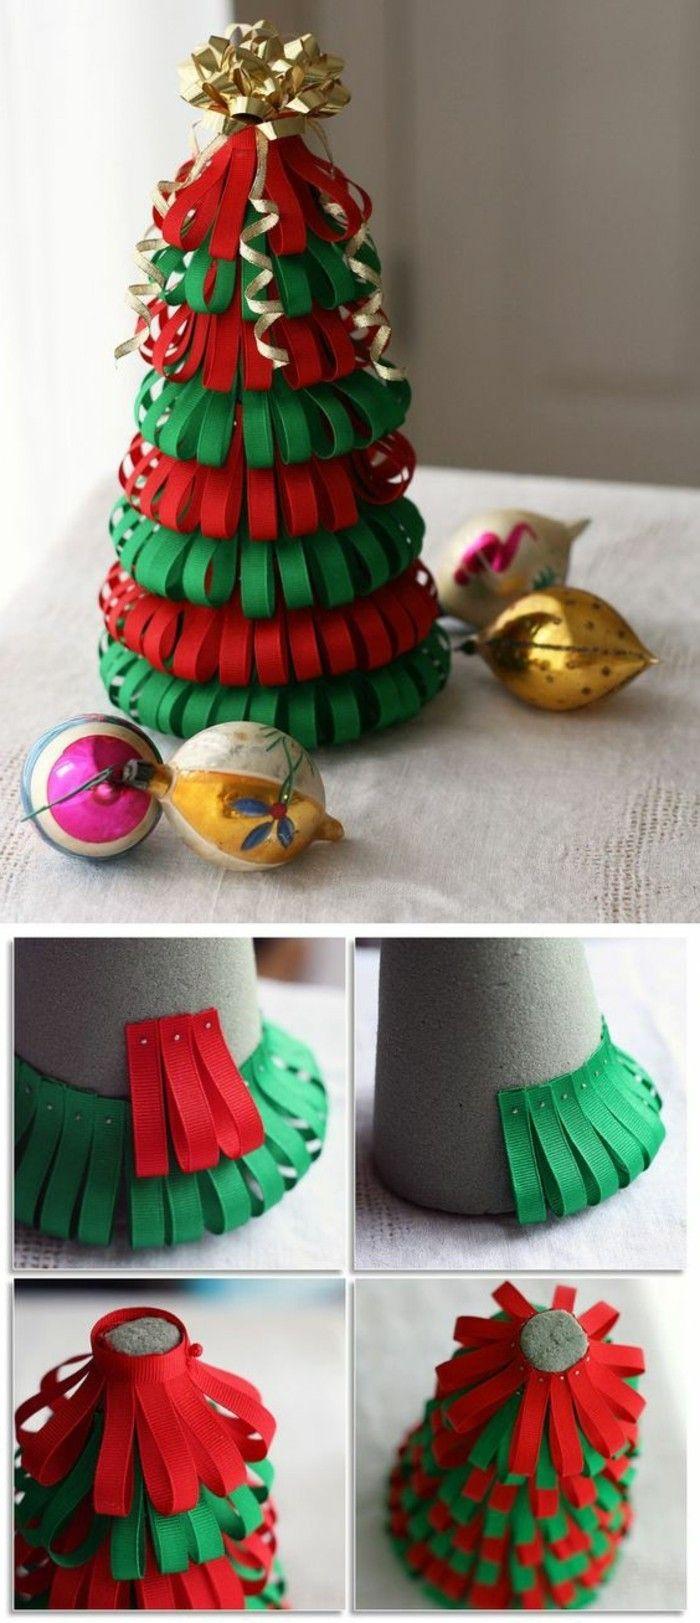 bandes de rubans en rouge et vert,attachées sur un cône, un magnifique arbre de noel décoratif, décoration de noel à fabriquer